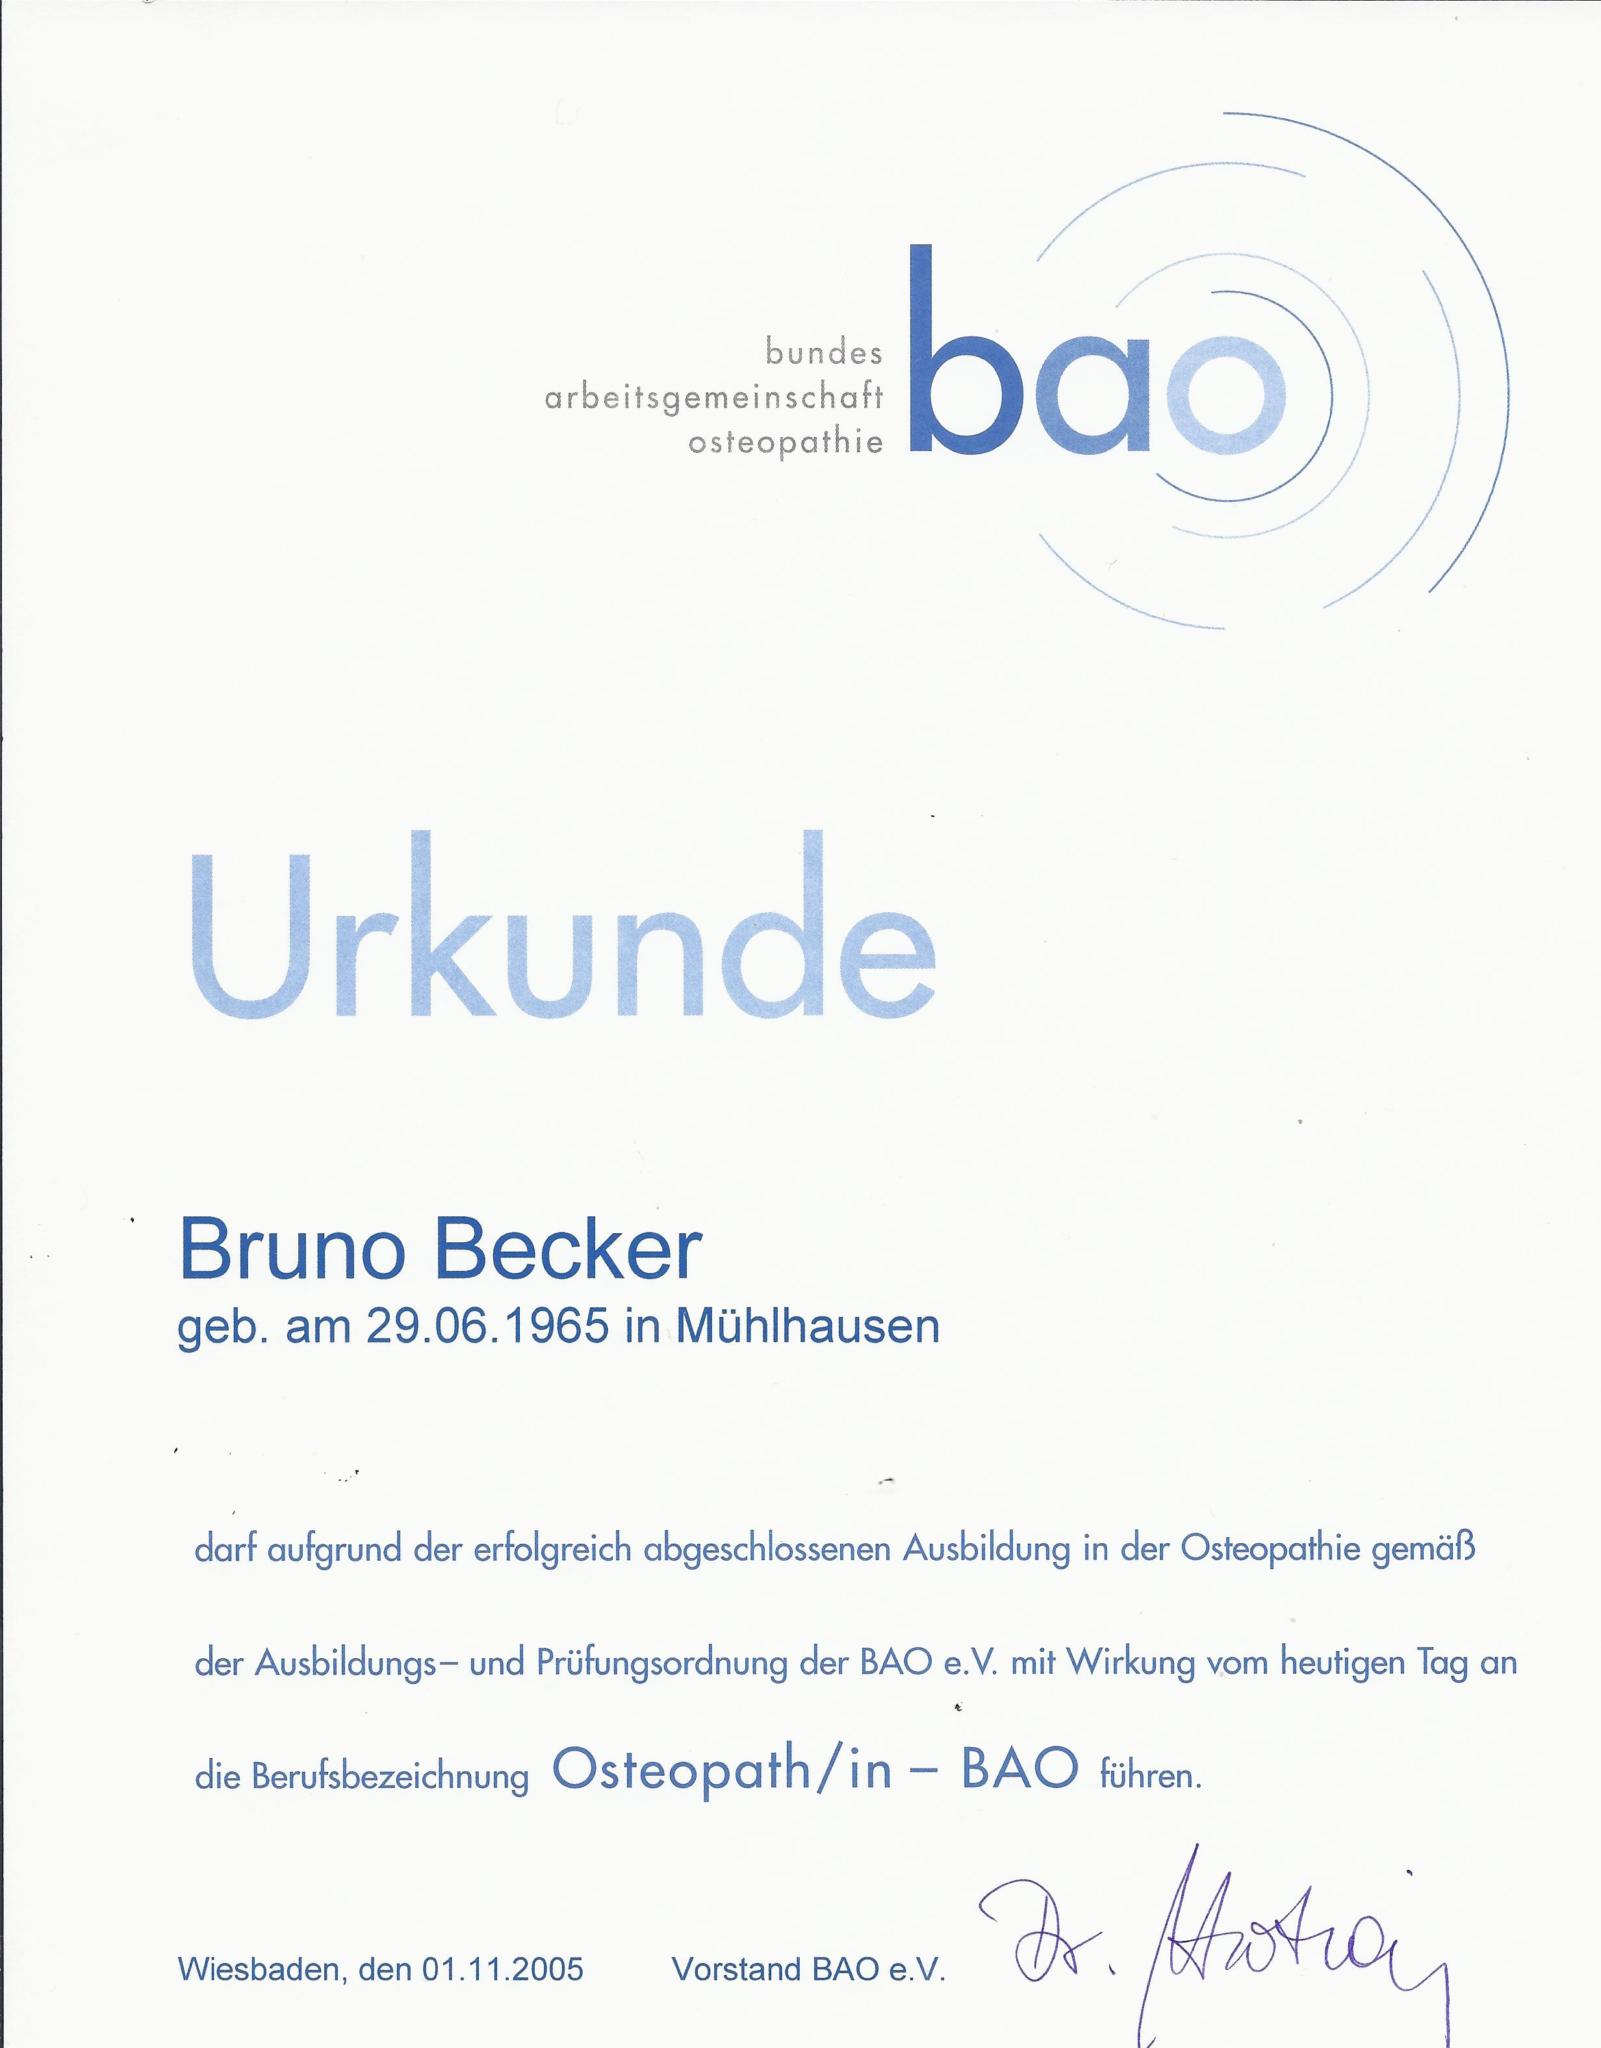 Bruno Becker Osteopathie Urkunde